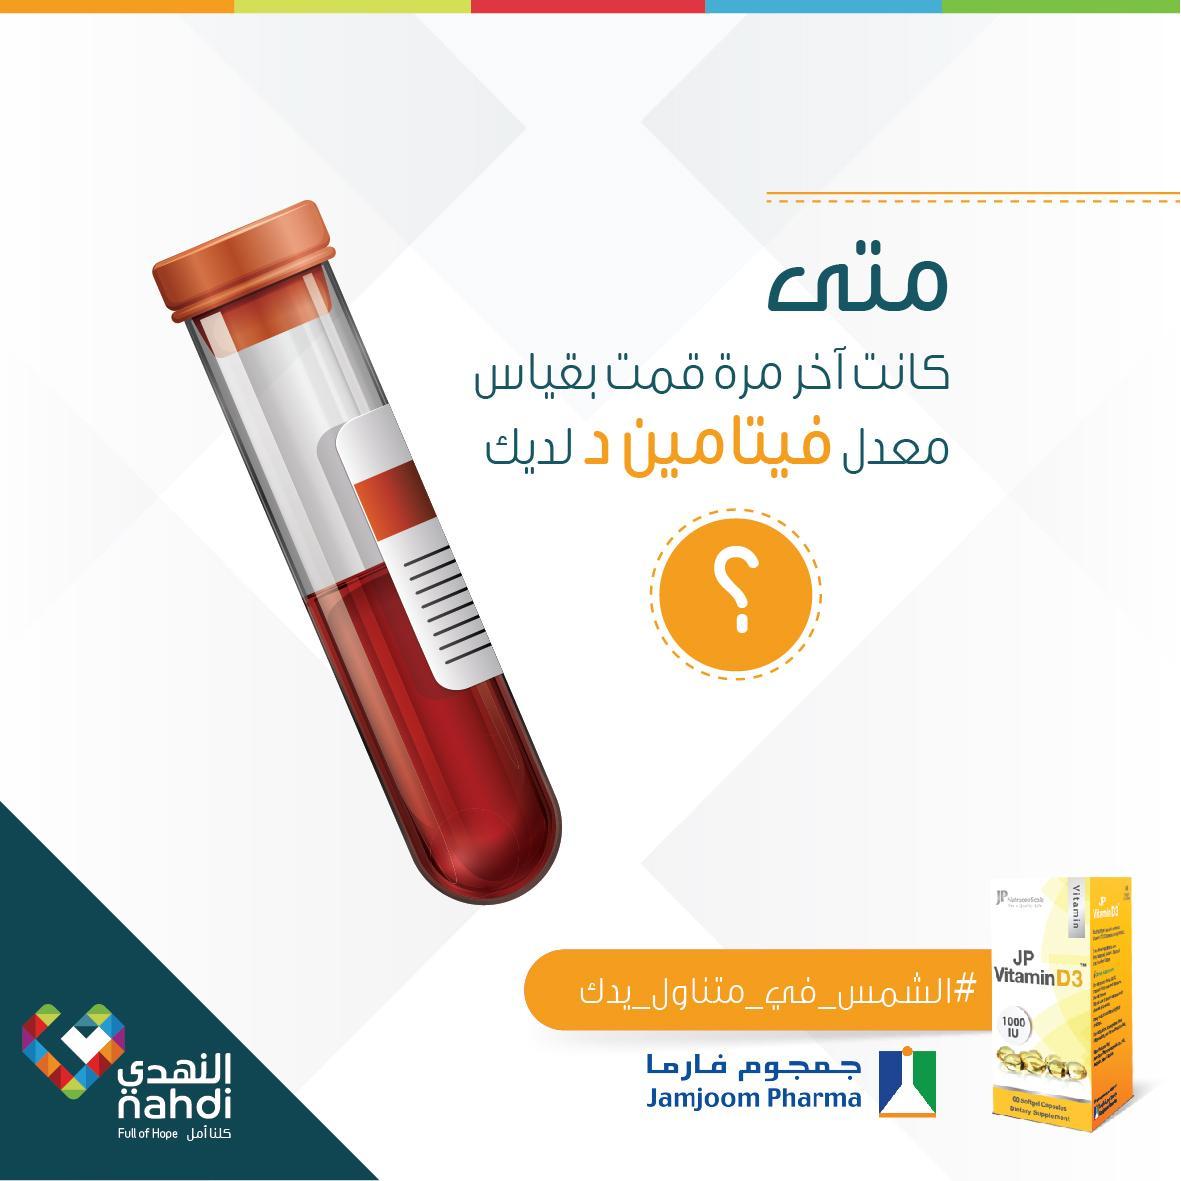 صيدلية النهدي افتتحت فرع 11